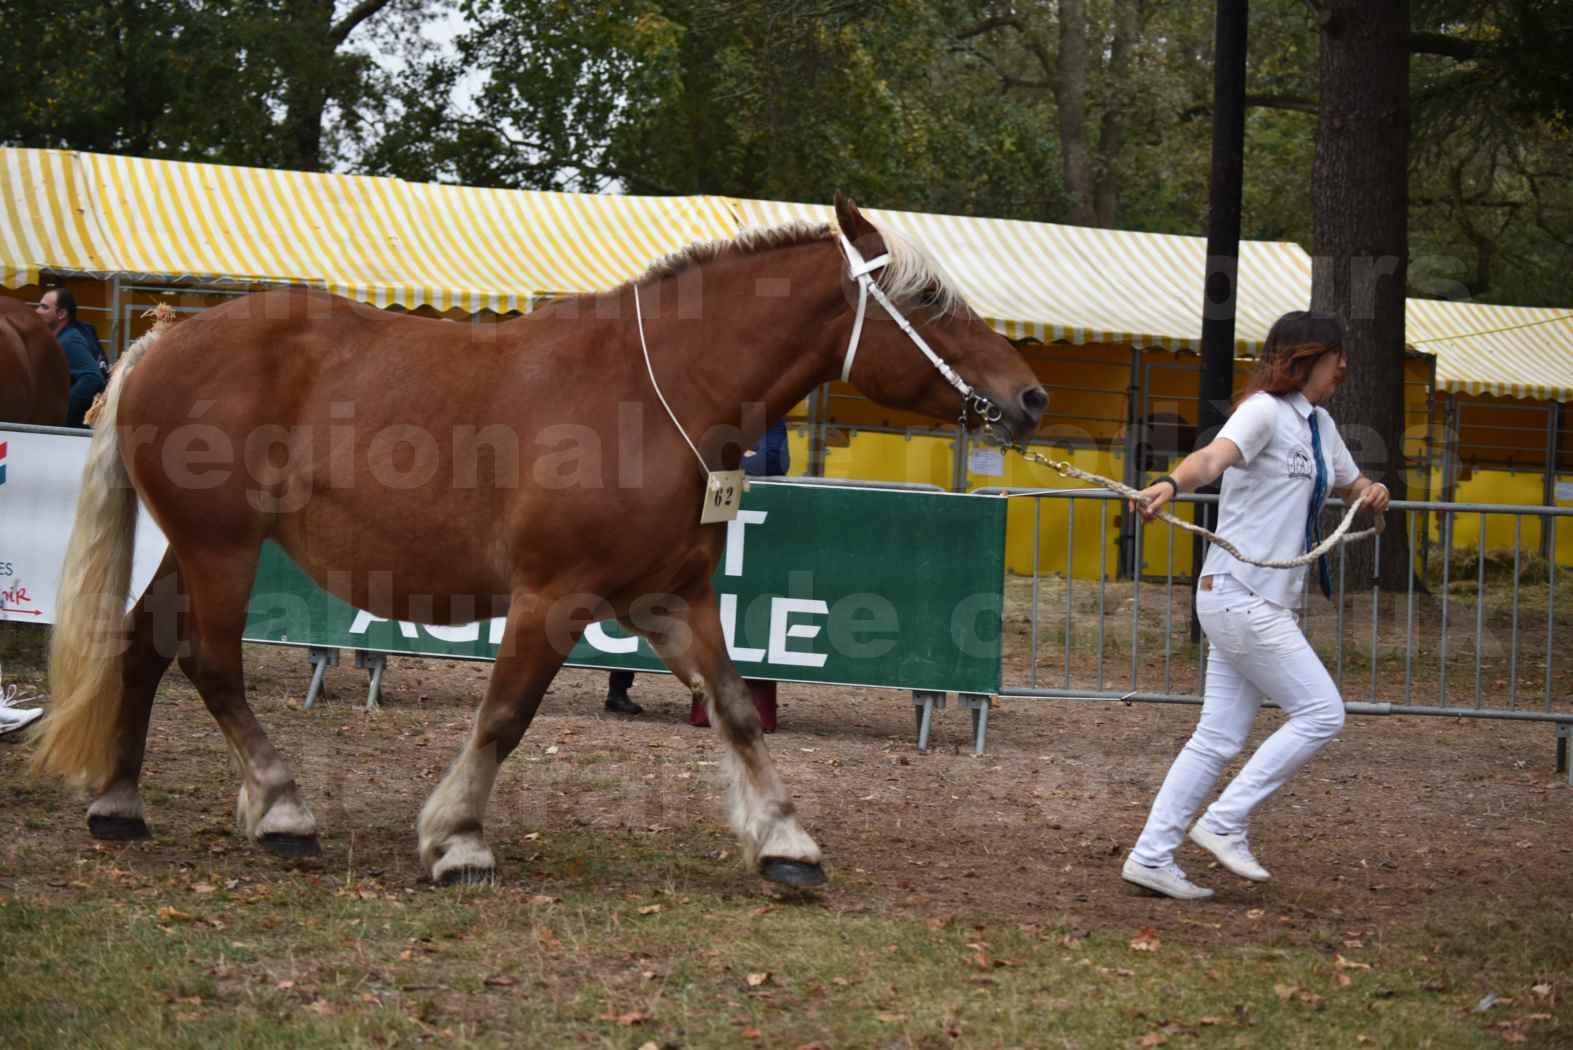 Concours Régional de chevaux de traits en 2017 - Jument & Poulain Trait COMTOIS - DAKOTA DU GARRIC - 17